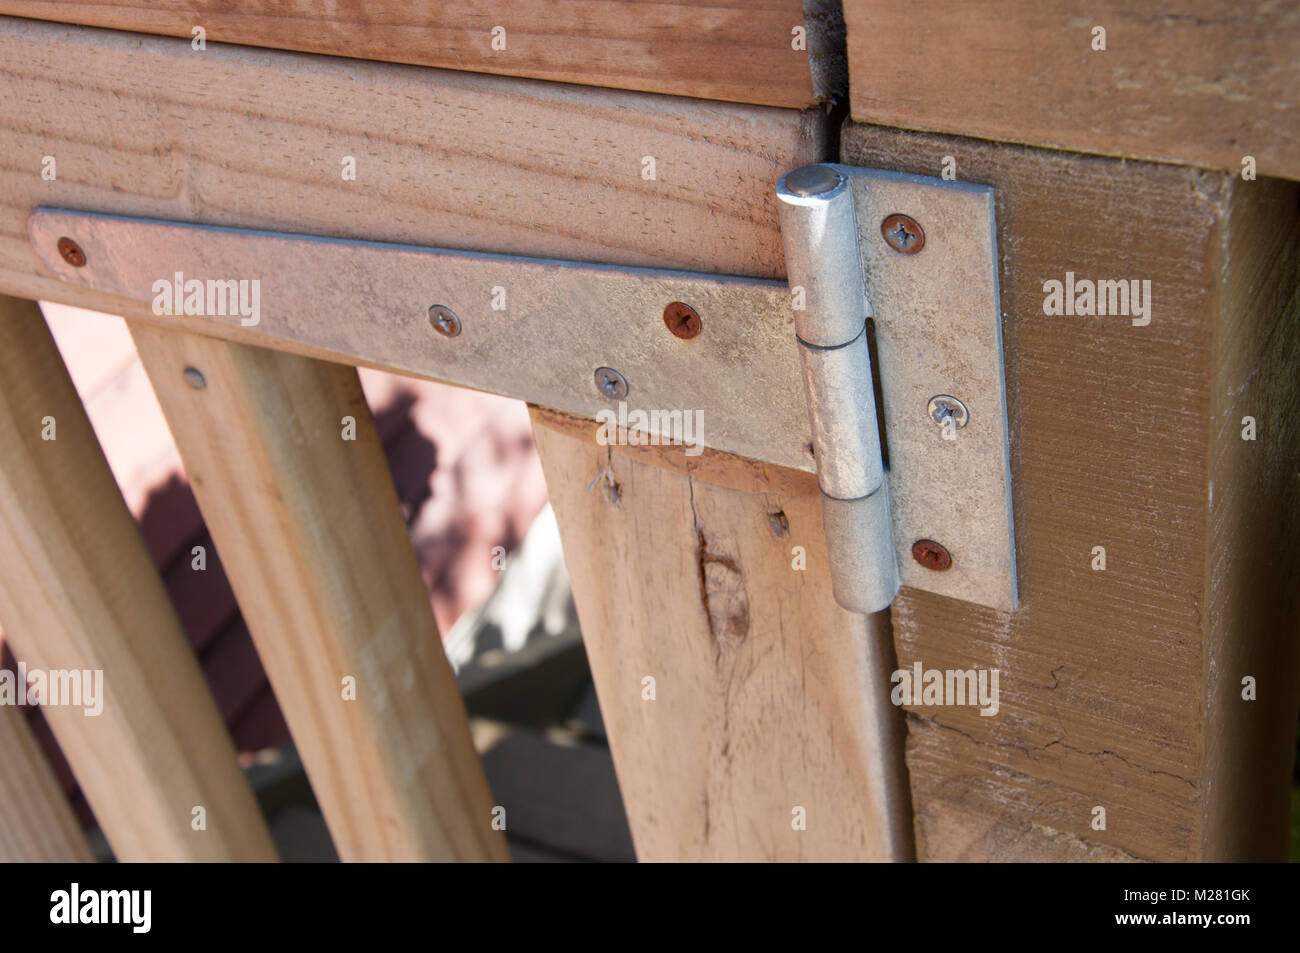 Cerniere Per Cancelli Di Legno : Cerniera su un cancello in legno foto immagine stock